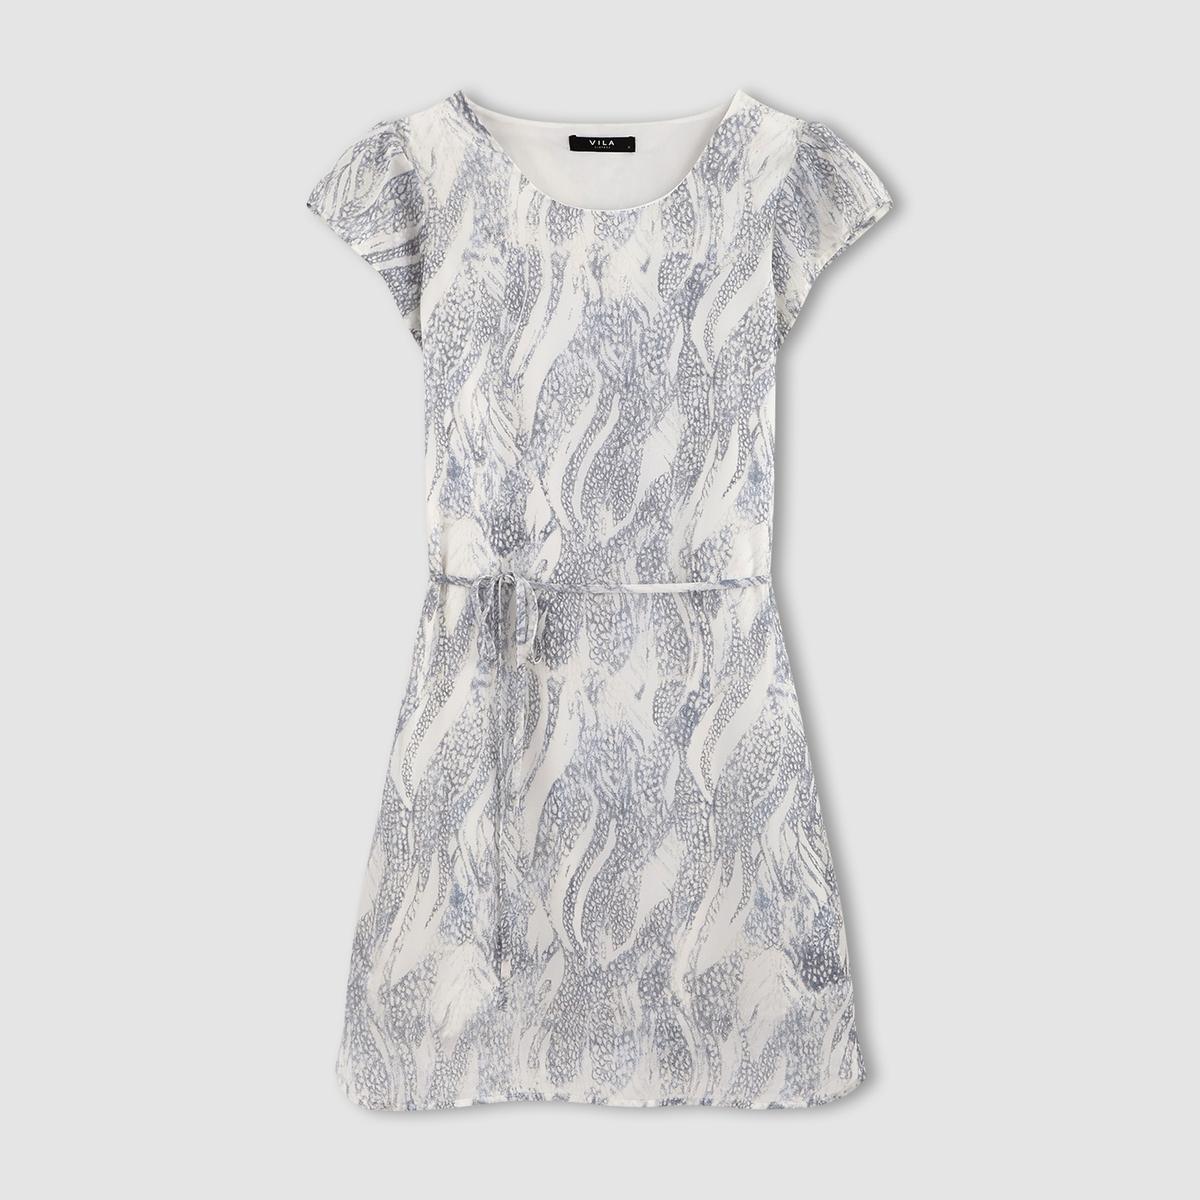 Платье с короткими рукавами VIREPTILE S/S DRESSСостав и описаниеМатериал: 100% полиэстер.Марка: VILA.УходМашинная стирка при 30°C с вещами подобных цветов.Стирка и глажка с изнаночной стороны.<br><br>Цвет: синий<br>Размер: XS